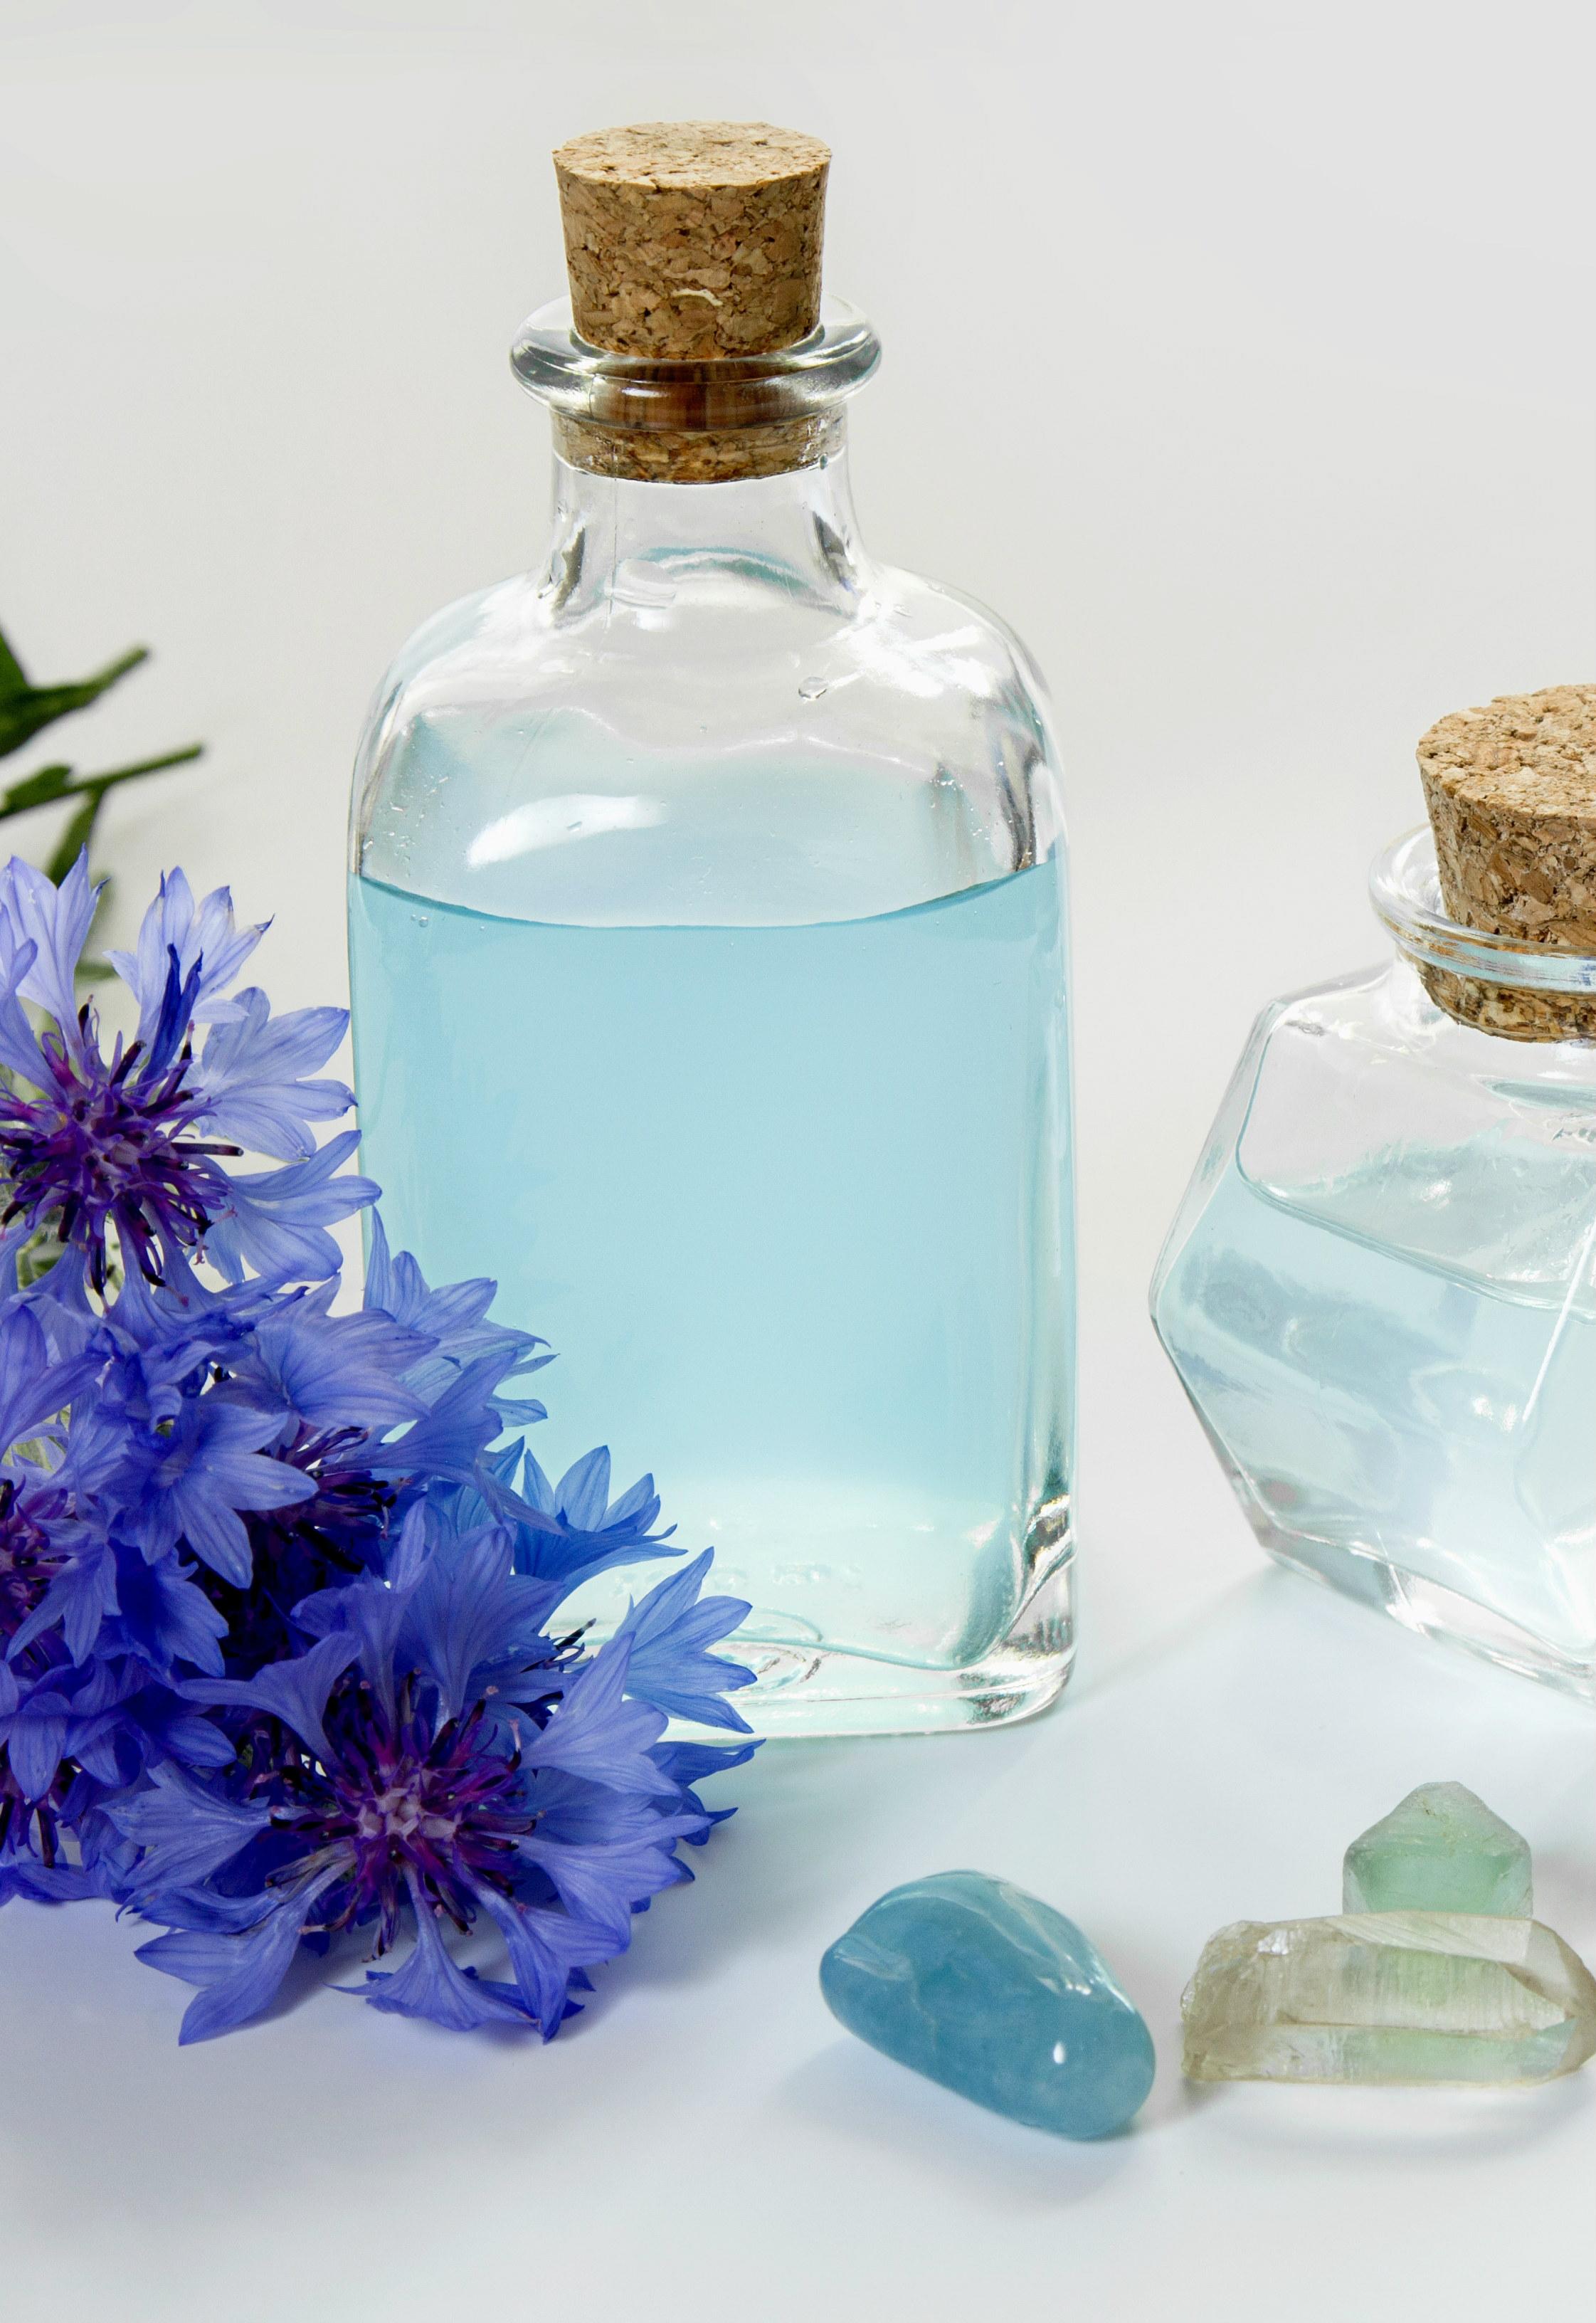 bienfaits des eaux florales bleuet